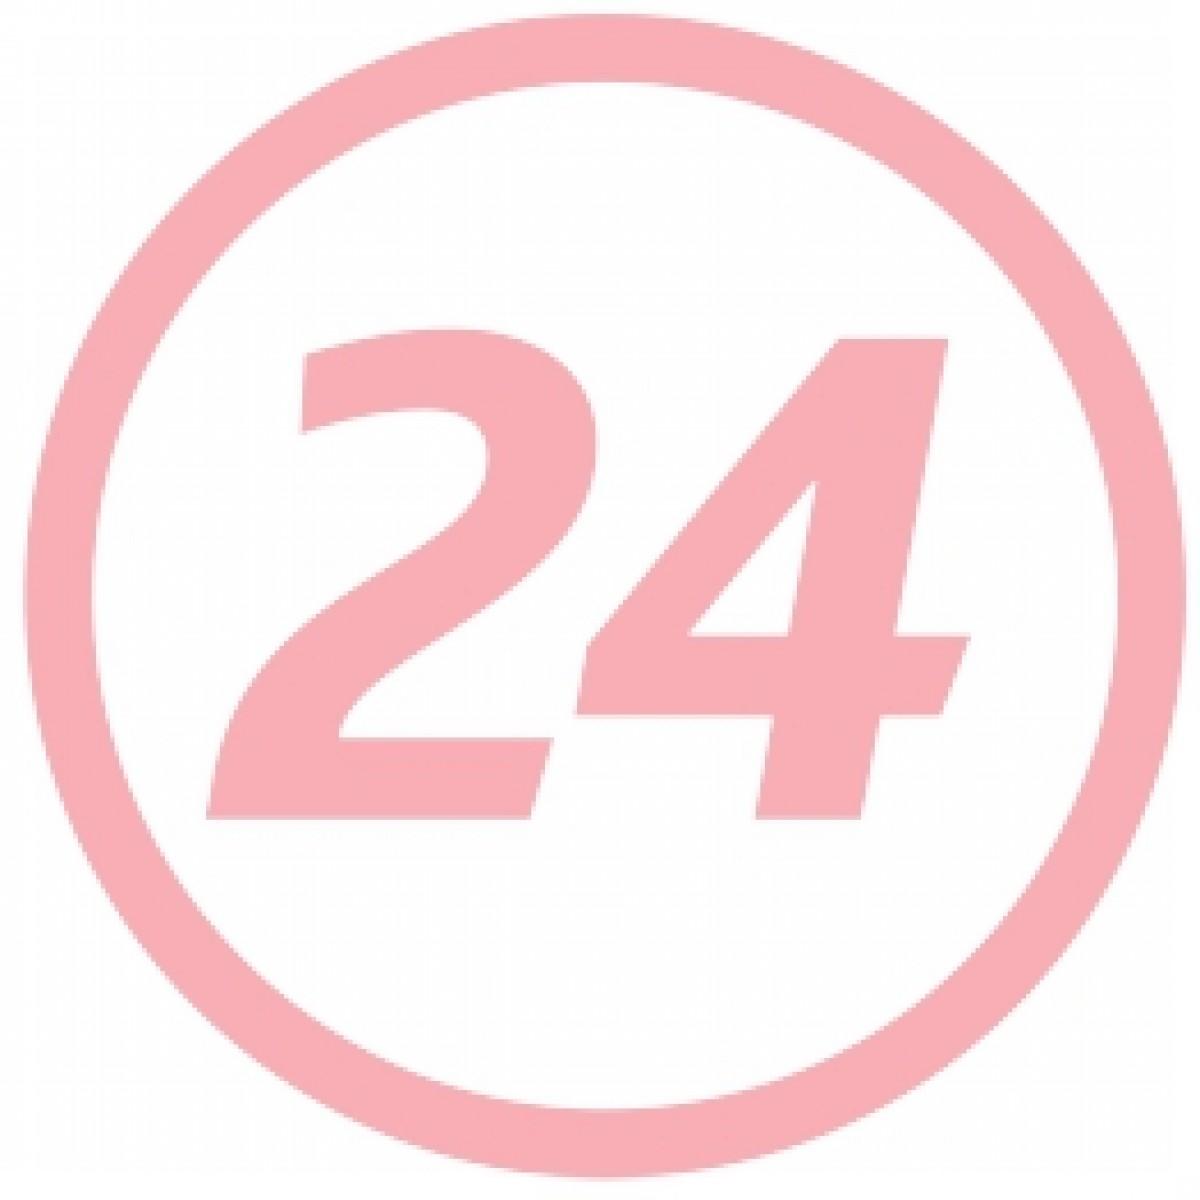 Hartmann Molicare Skin Crema pentru Protectia Pielii Persoanelor cu Incontinenta, Crema, 200ml